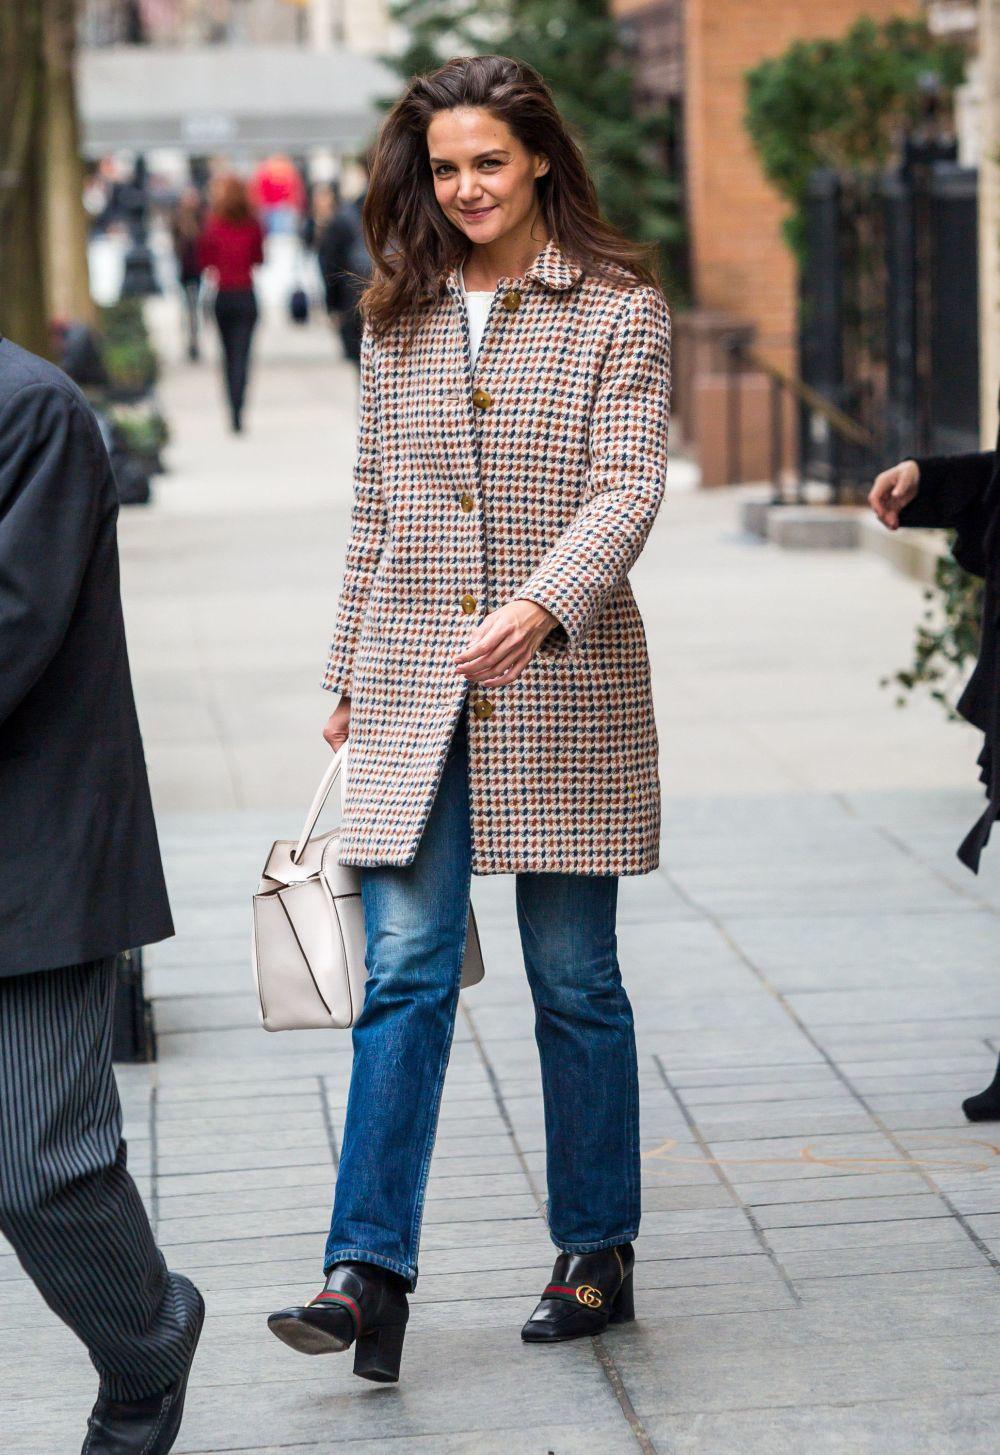 La obsesión por los loafers de Gucci de Katie Holmes ...